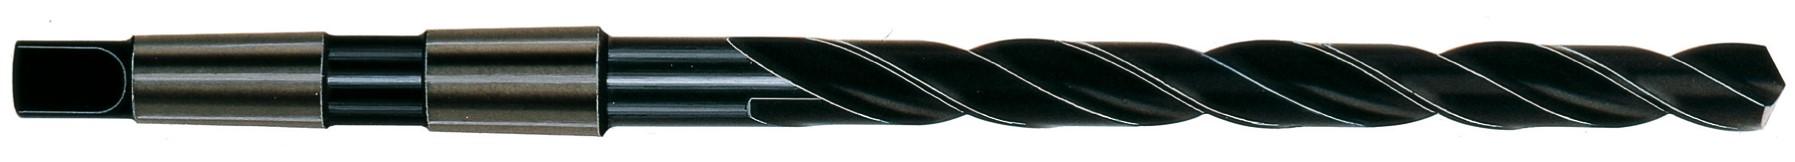 Taper shank drill DIN341 HSS tipo N